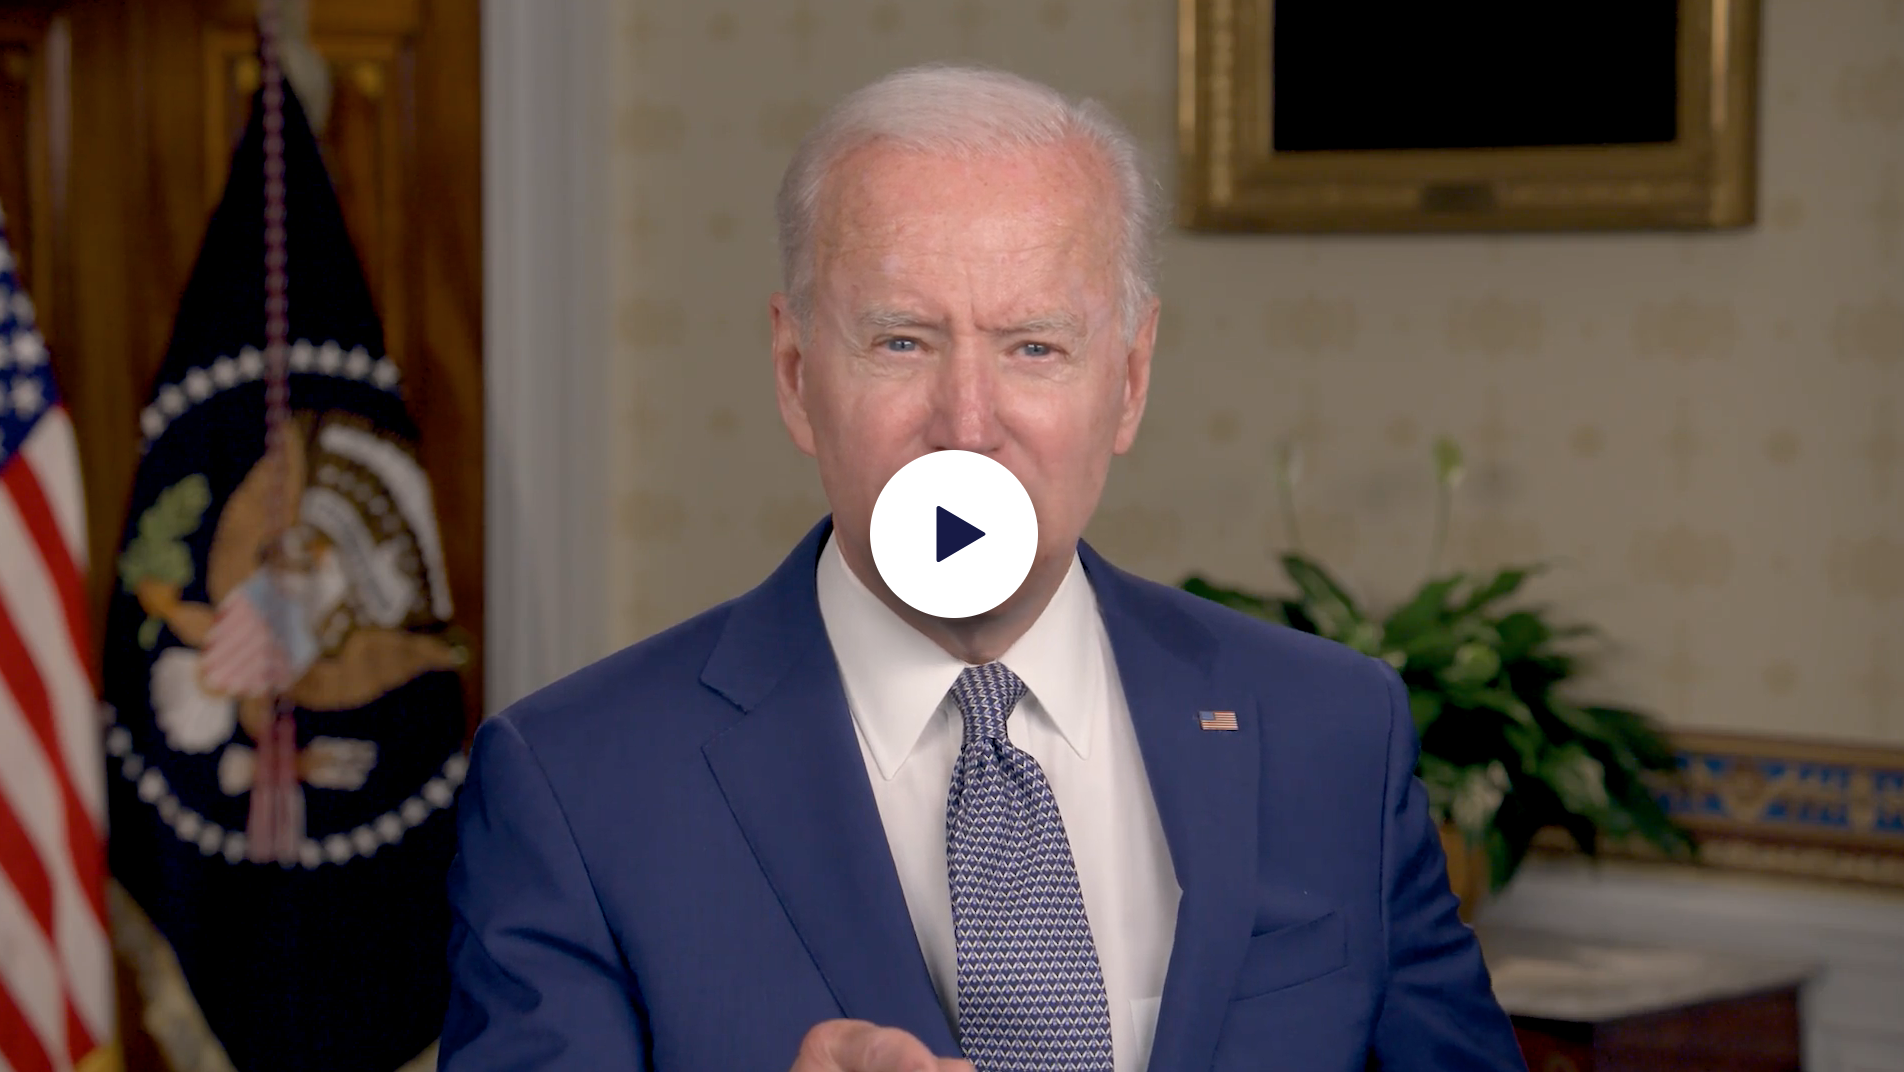 President Biden's Remarks to the International Labour Organization